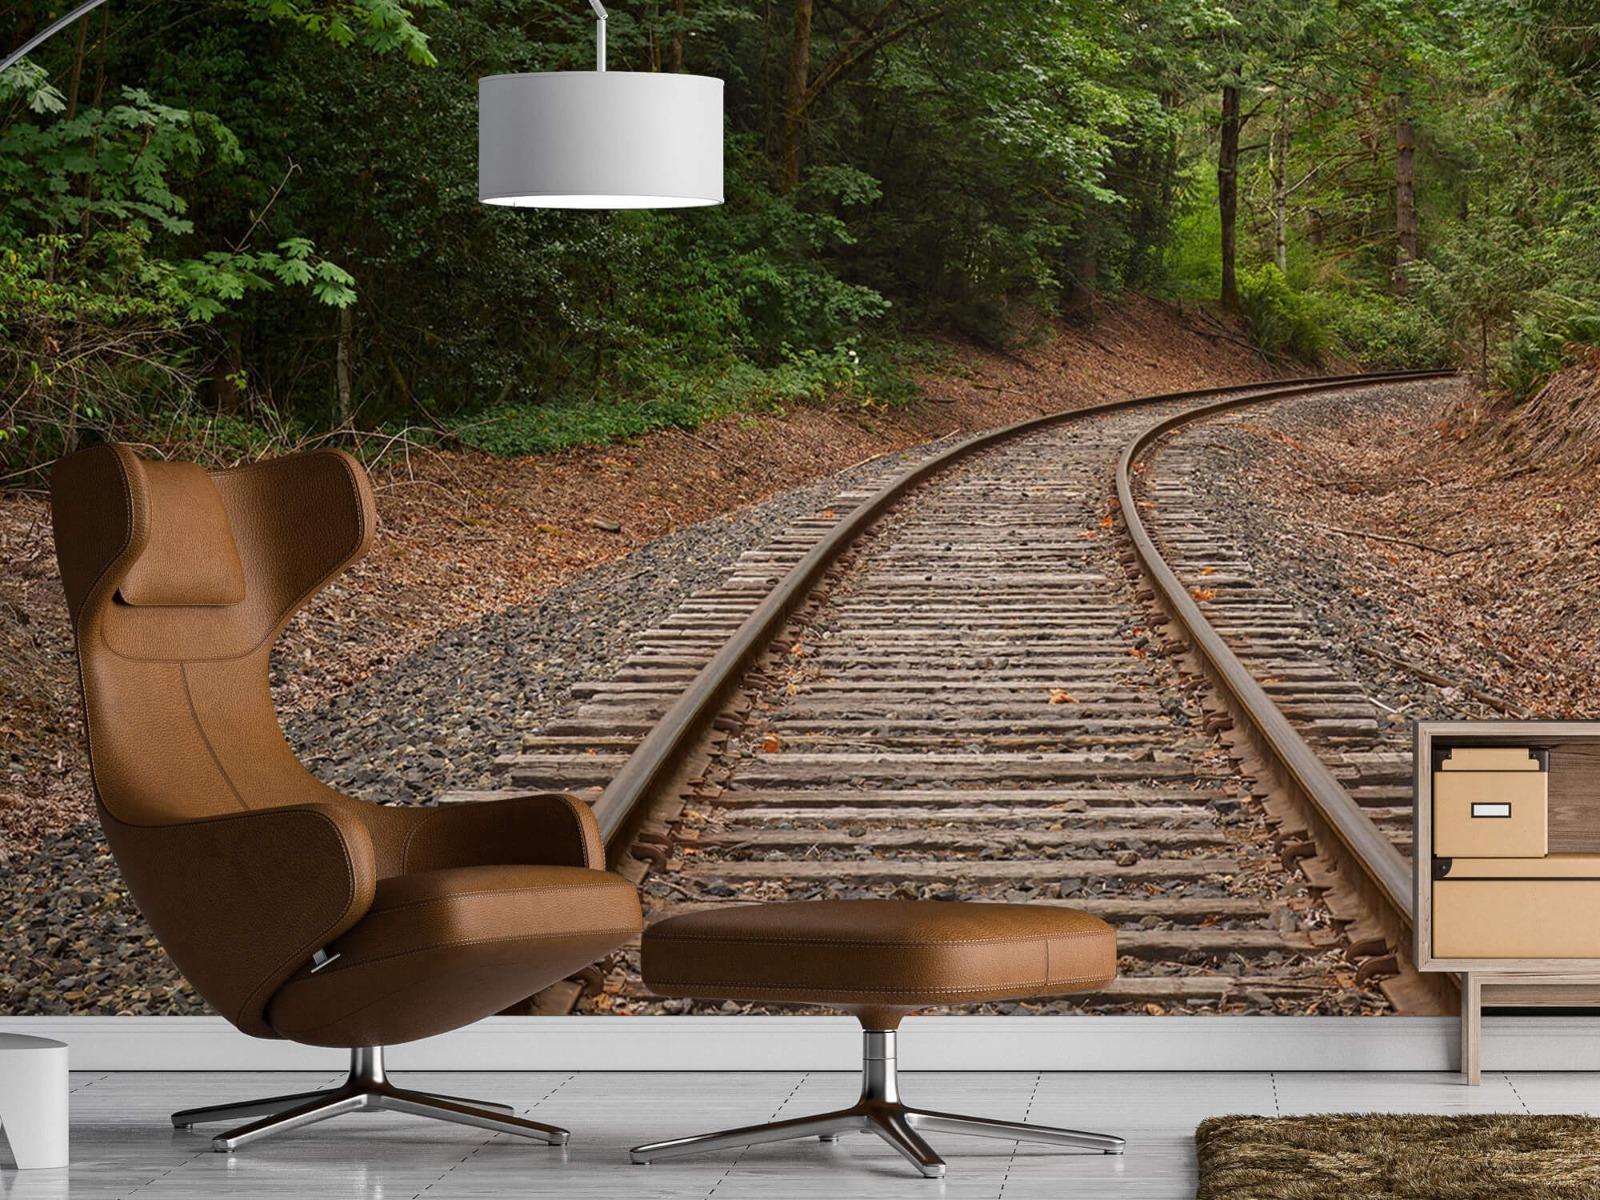 Bos behang - Spoorlijn door het bos - Slaapkamer 19